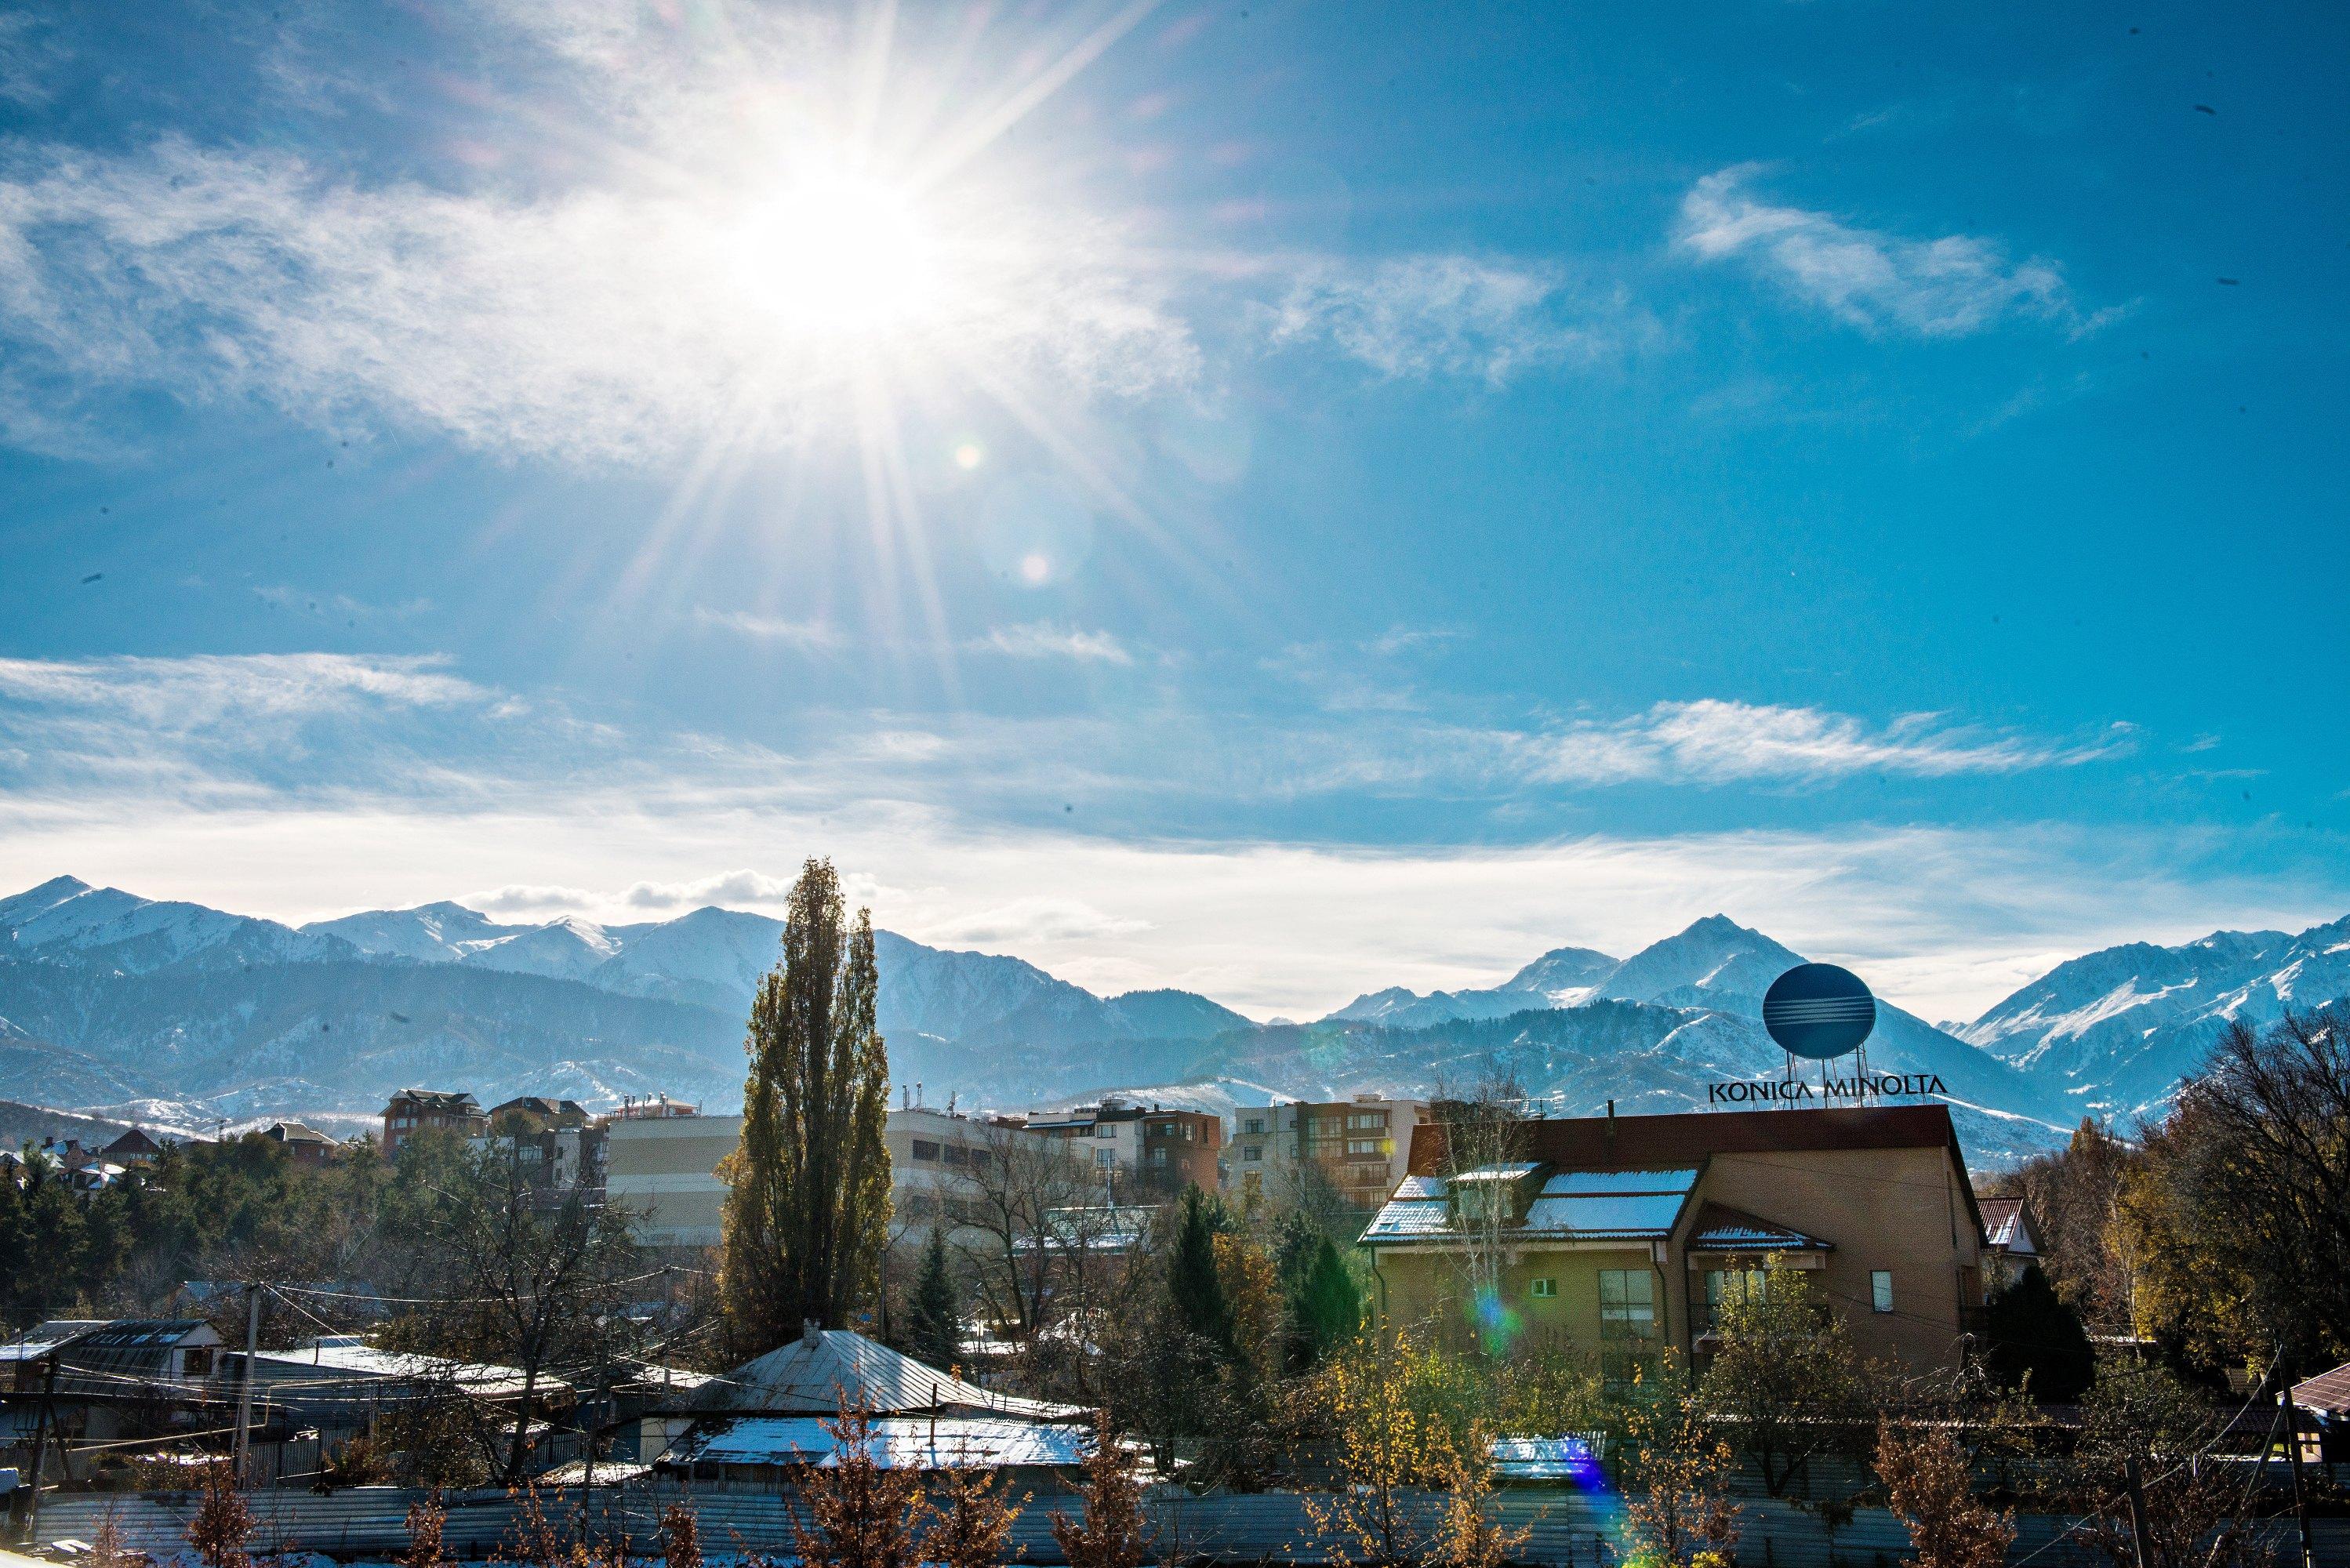 哈萨克斯坦风景介绍图片